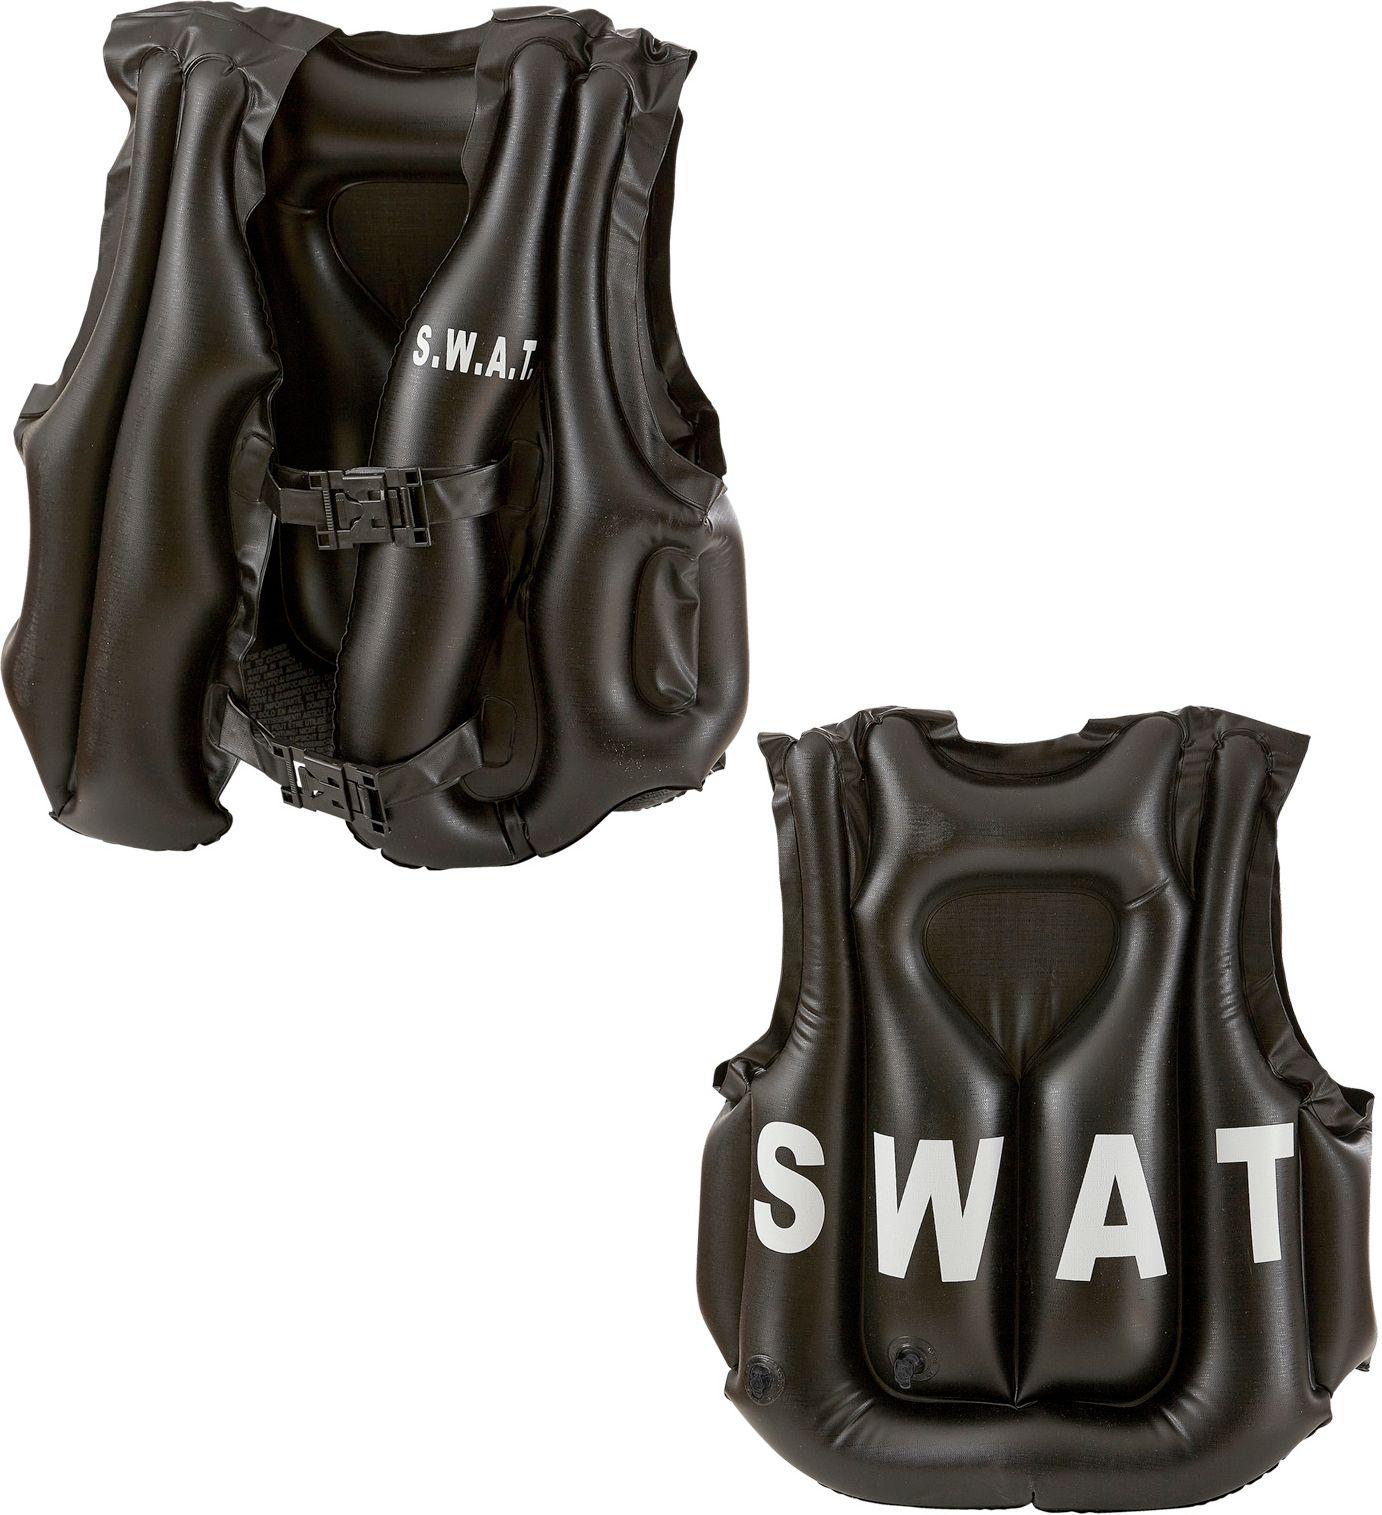 SWAT vest kind opblaasbaar